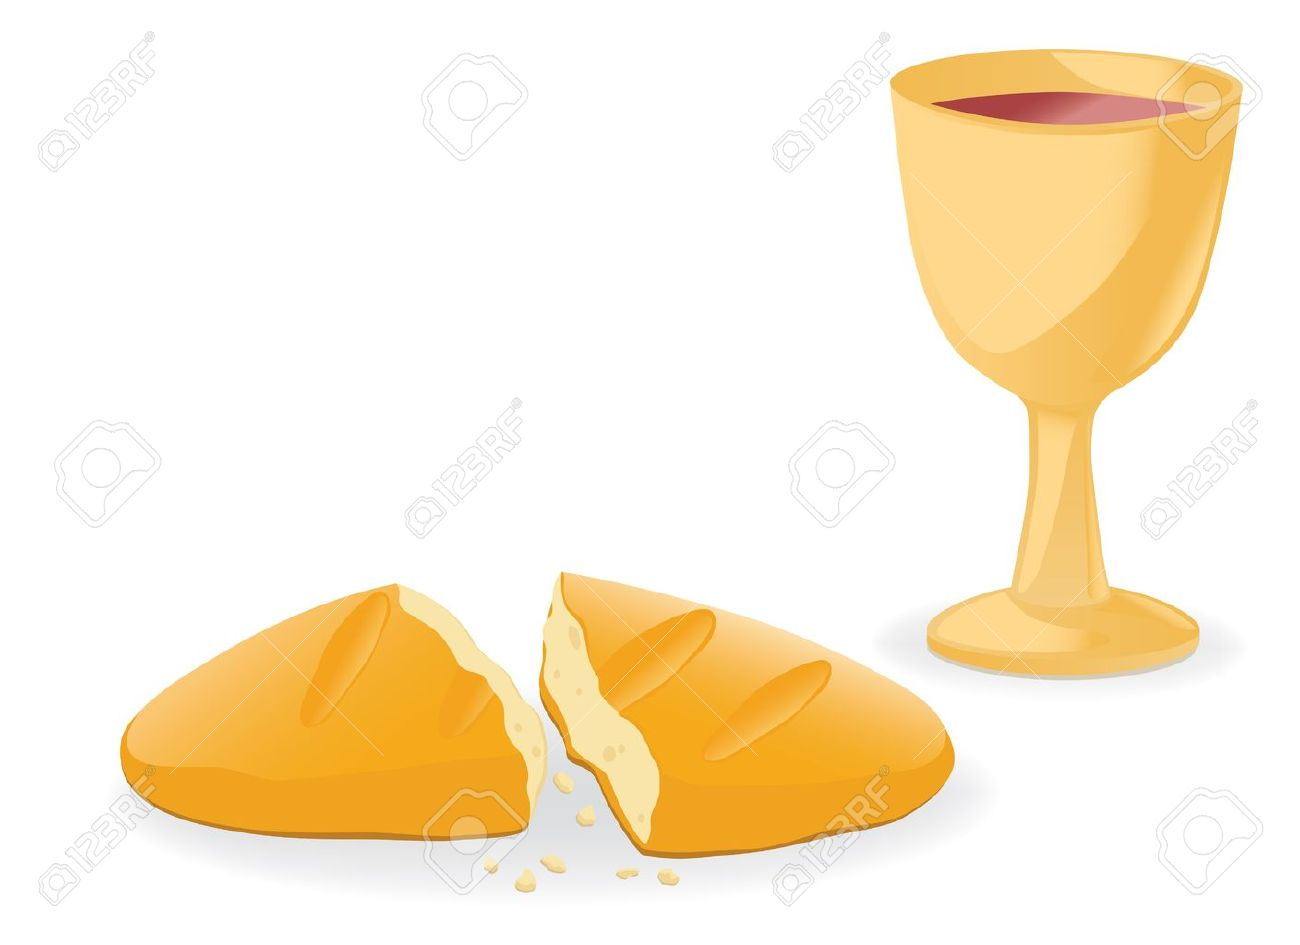 Communion � bread and wine Stock Vector - 12460497